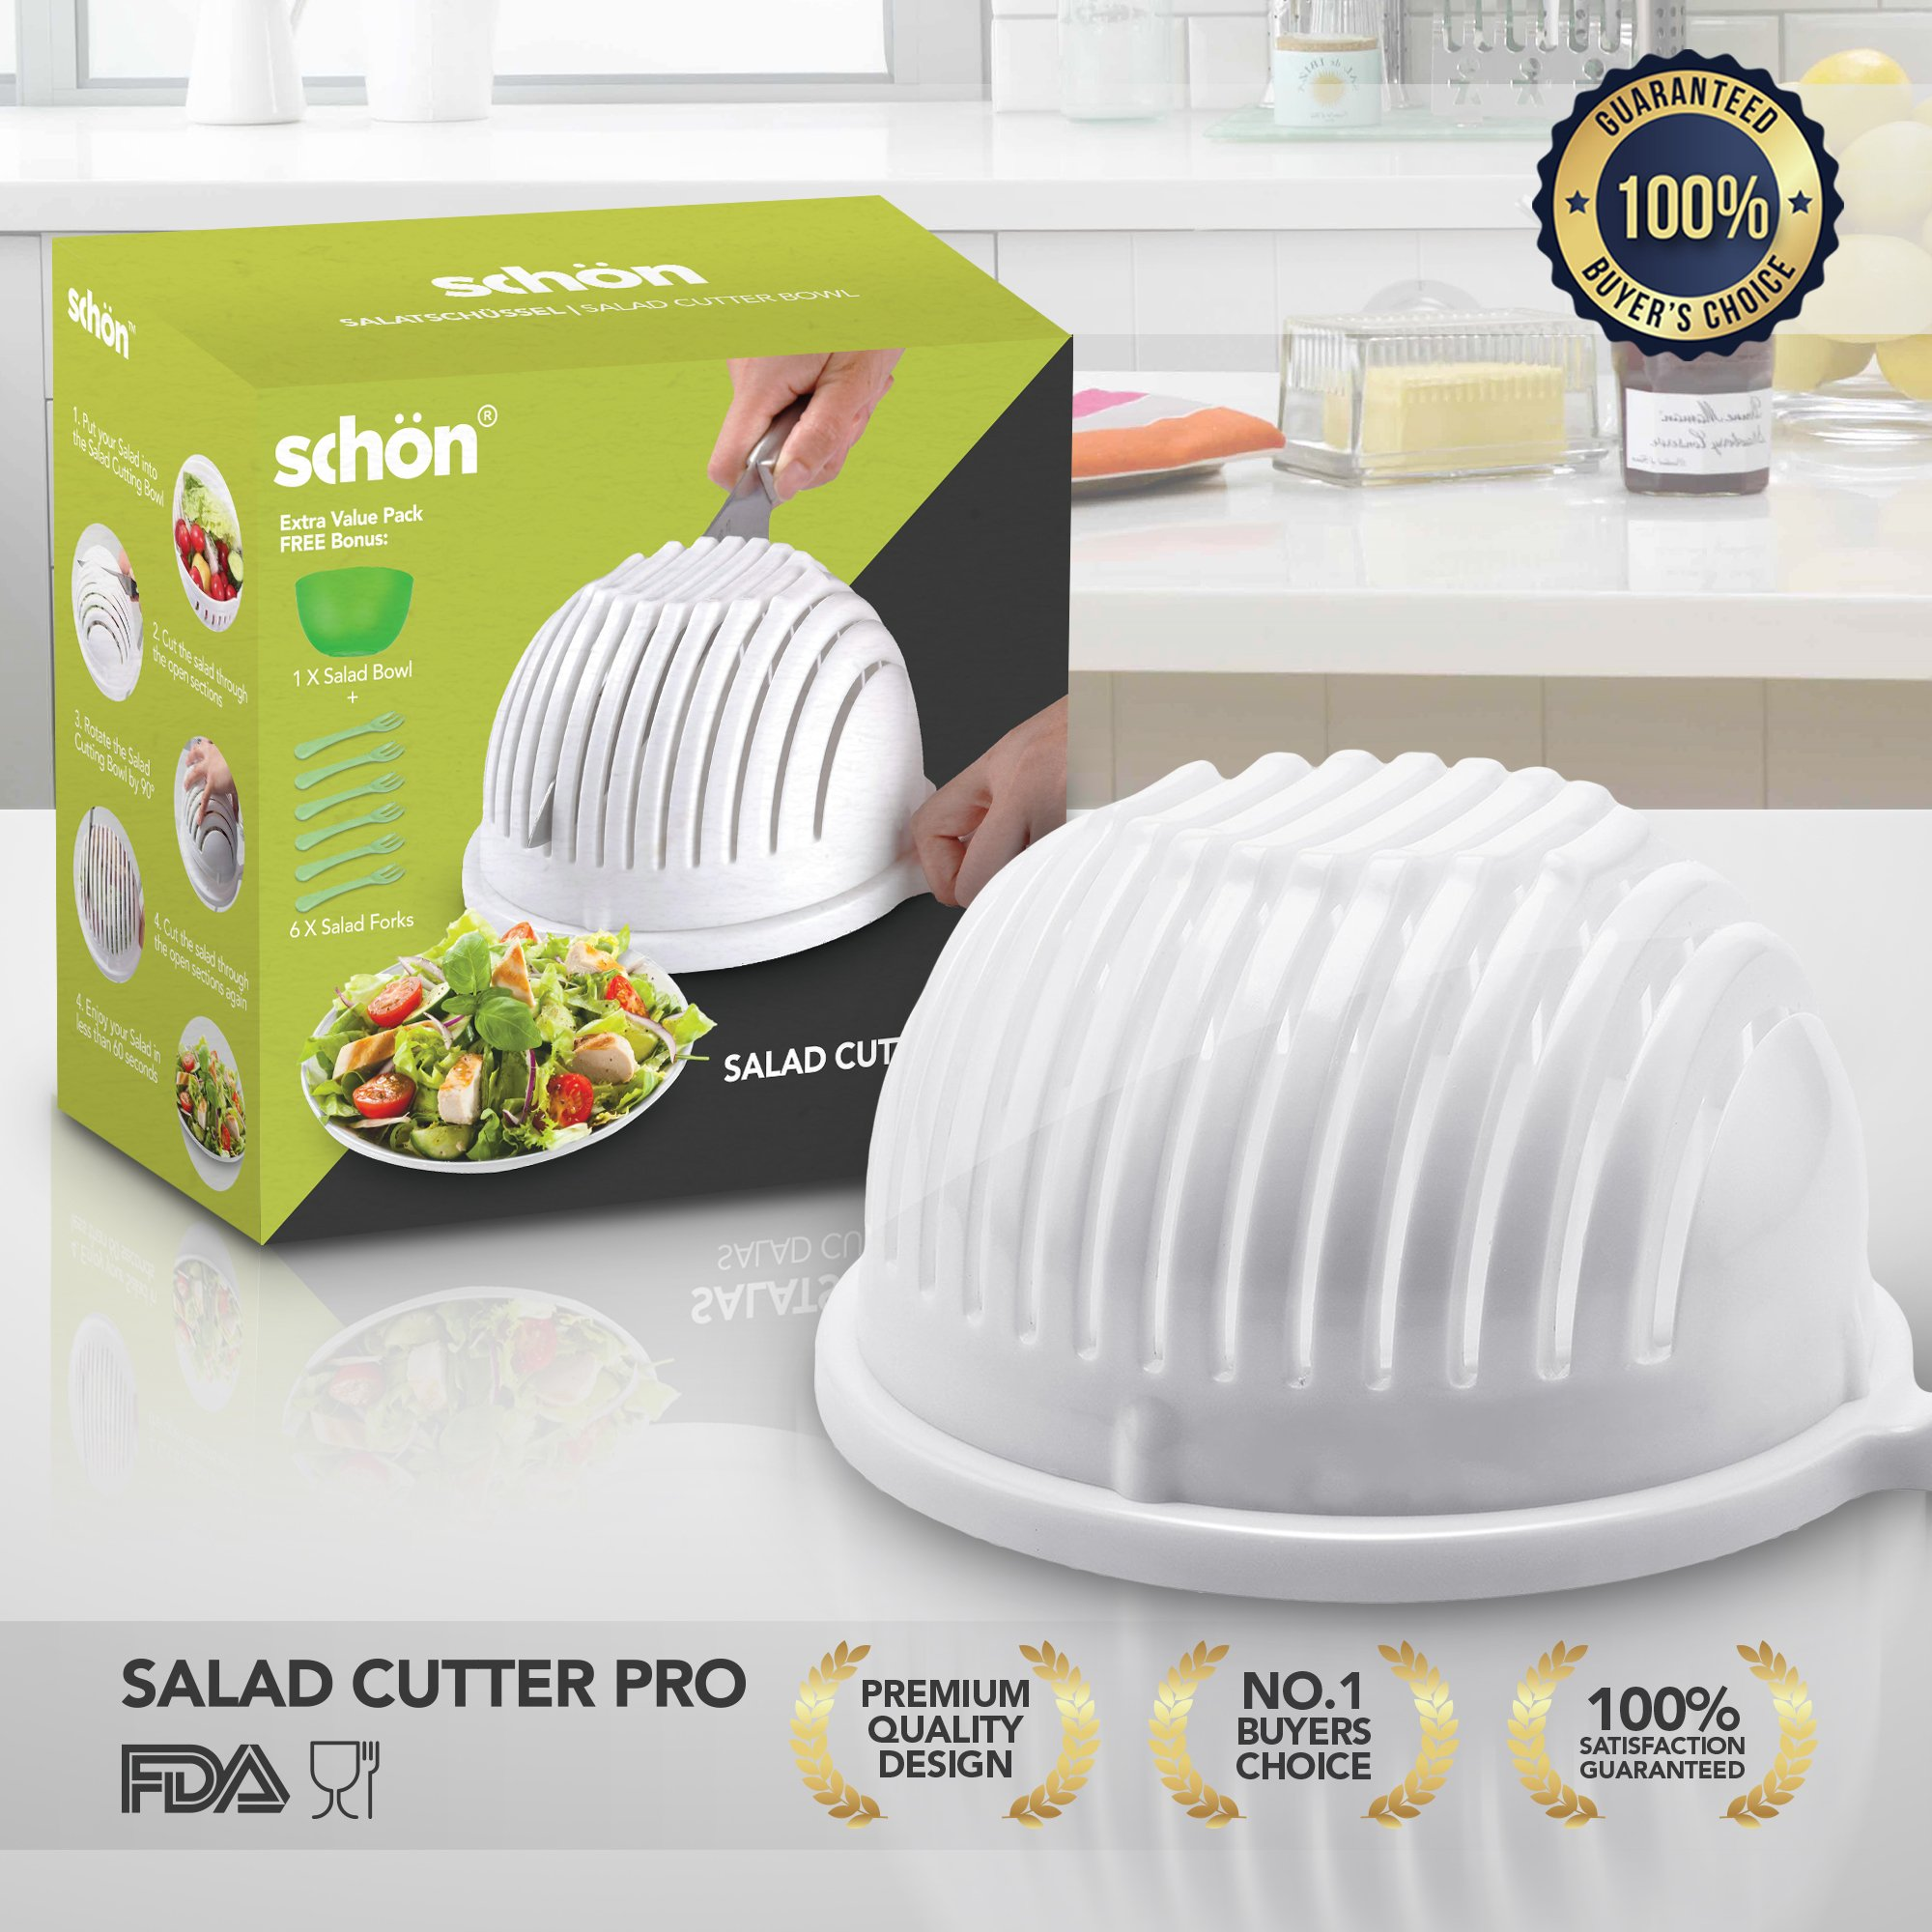 Salad Cutter Bowl Maker Cutter-Fast Fresh Salad Slicer, Salad Chopper and Fruit Vegetable Bowl